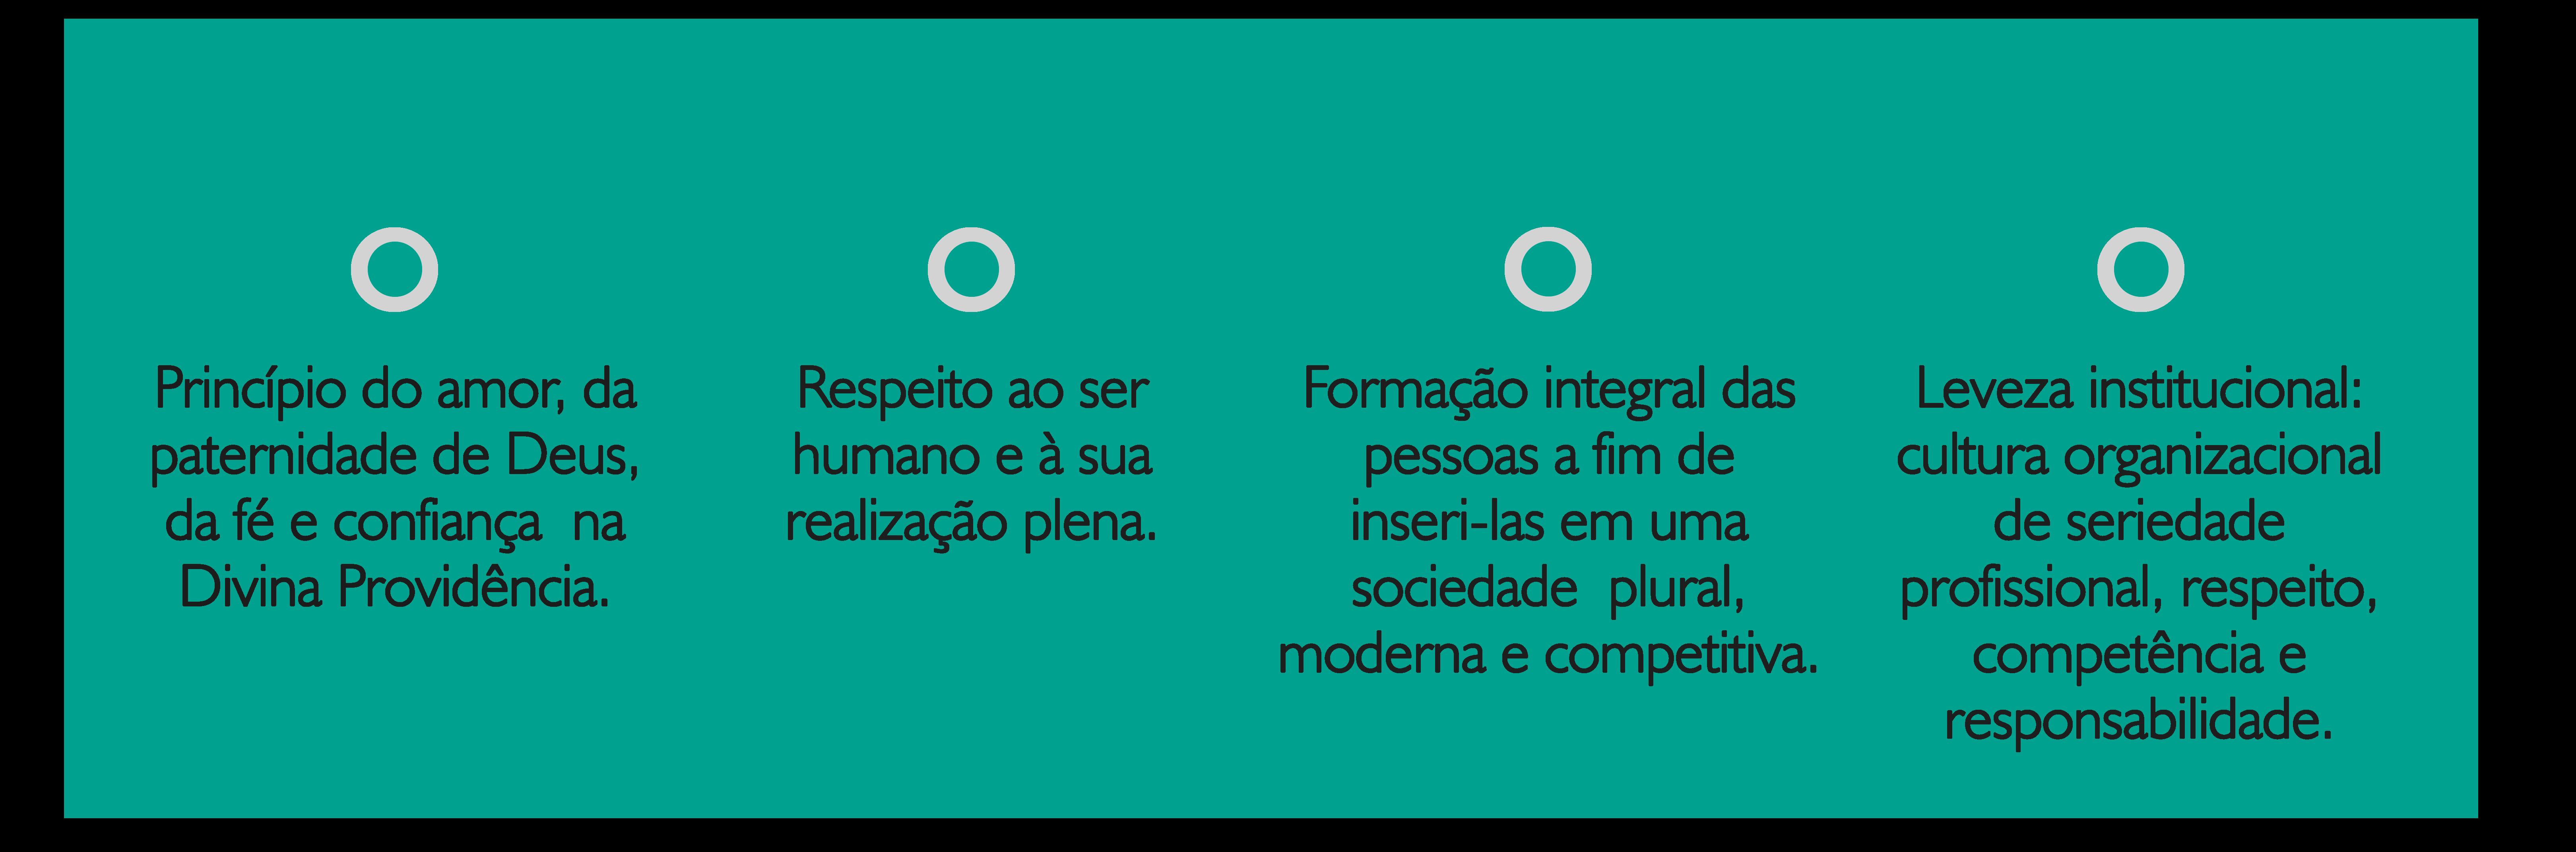 principio_img